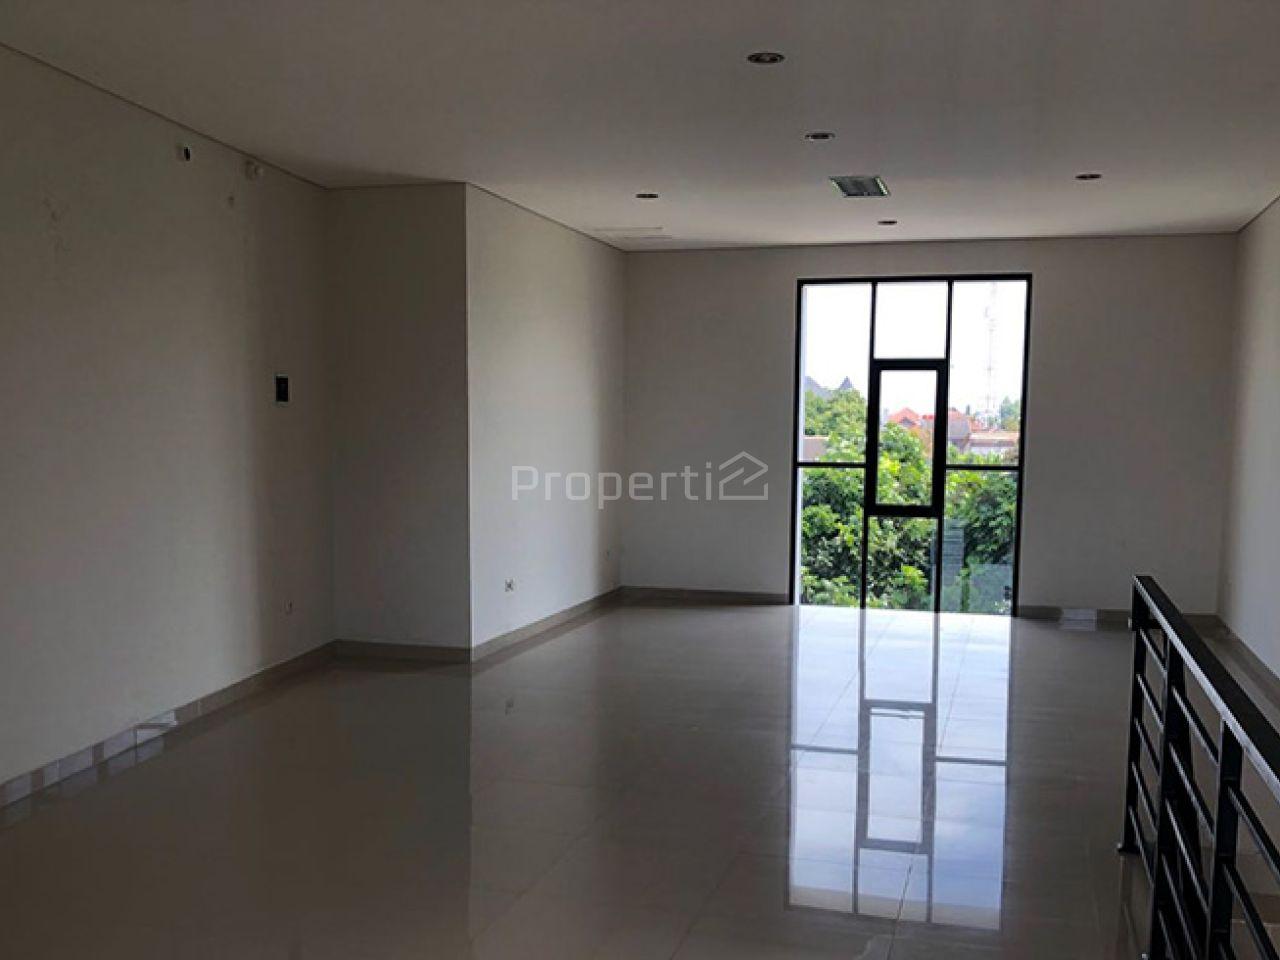 Ruko Baru di Jl. Sukahaji, Sukasari, Kota Bandung, Kota Bandung